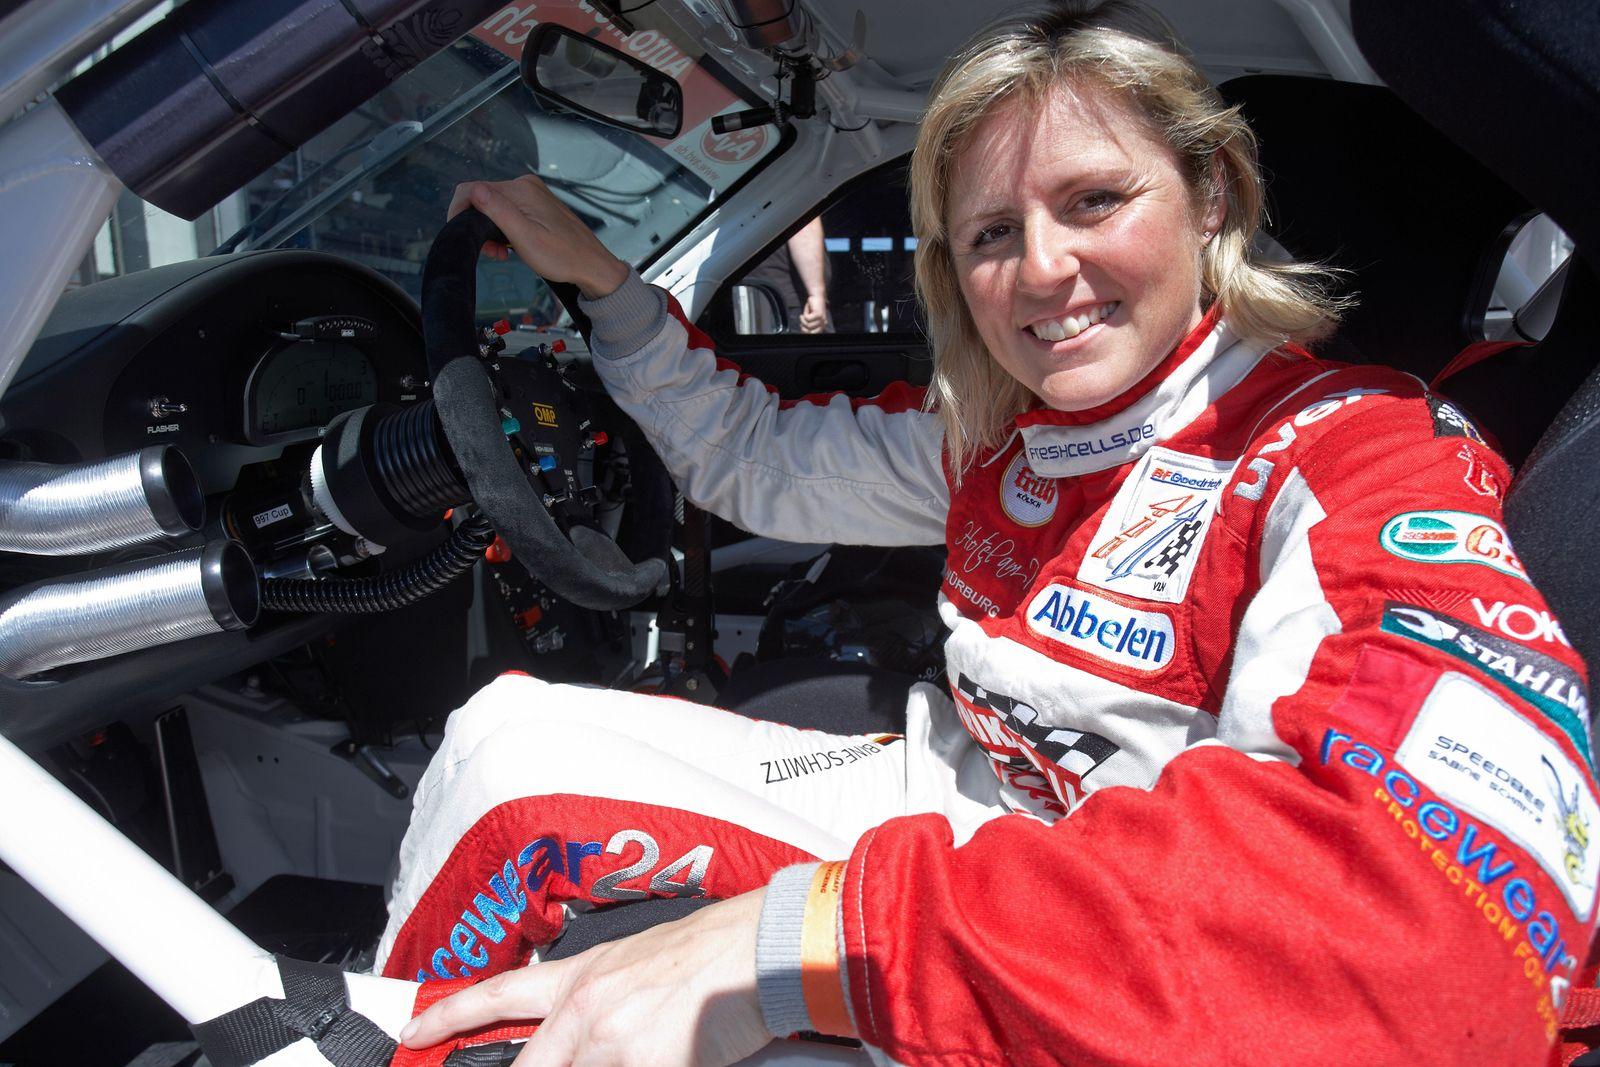 Rennfahrerin Sabine Schmitz